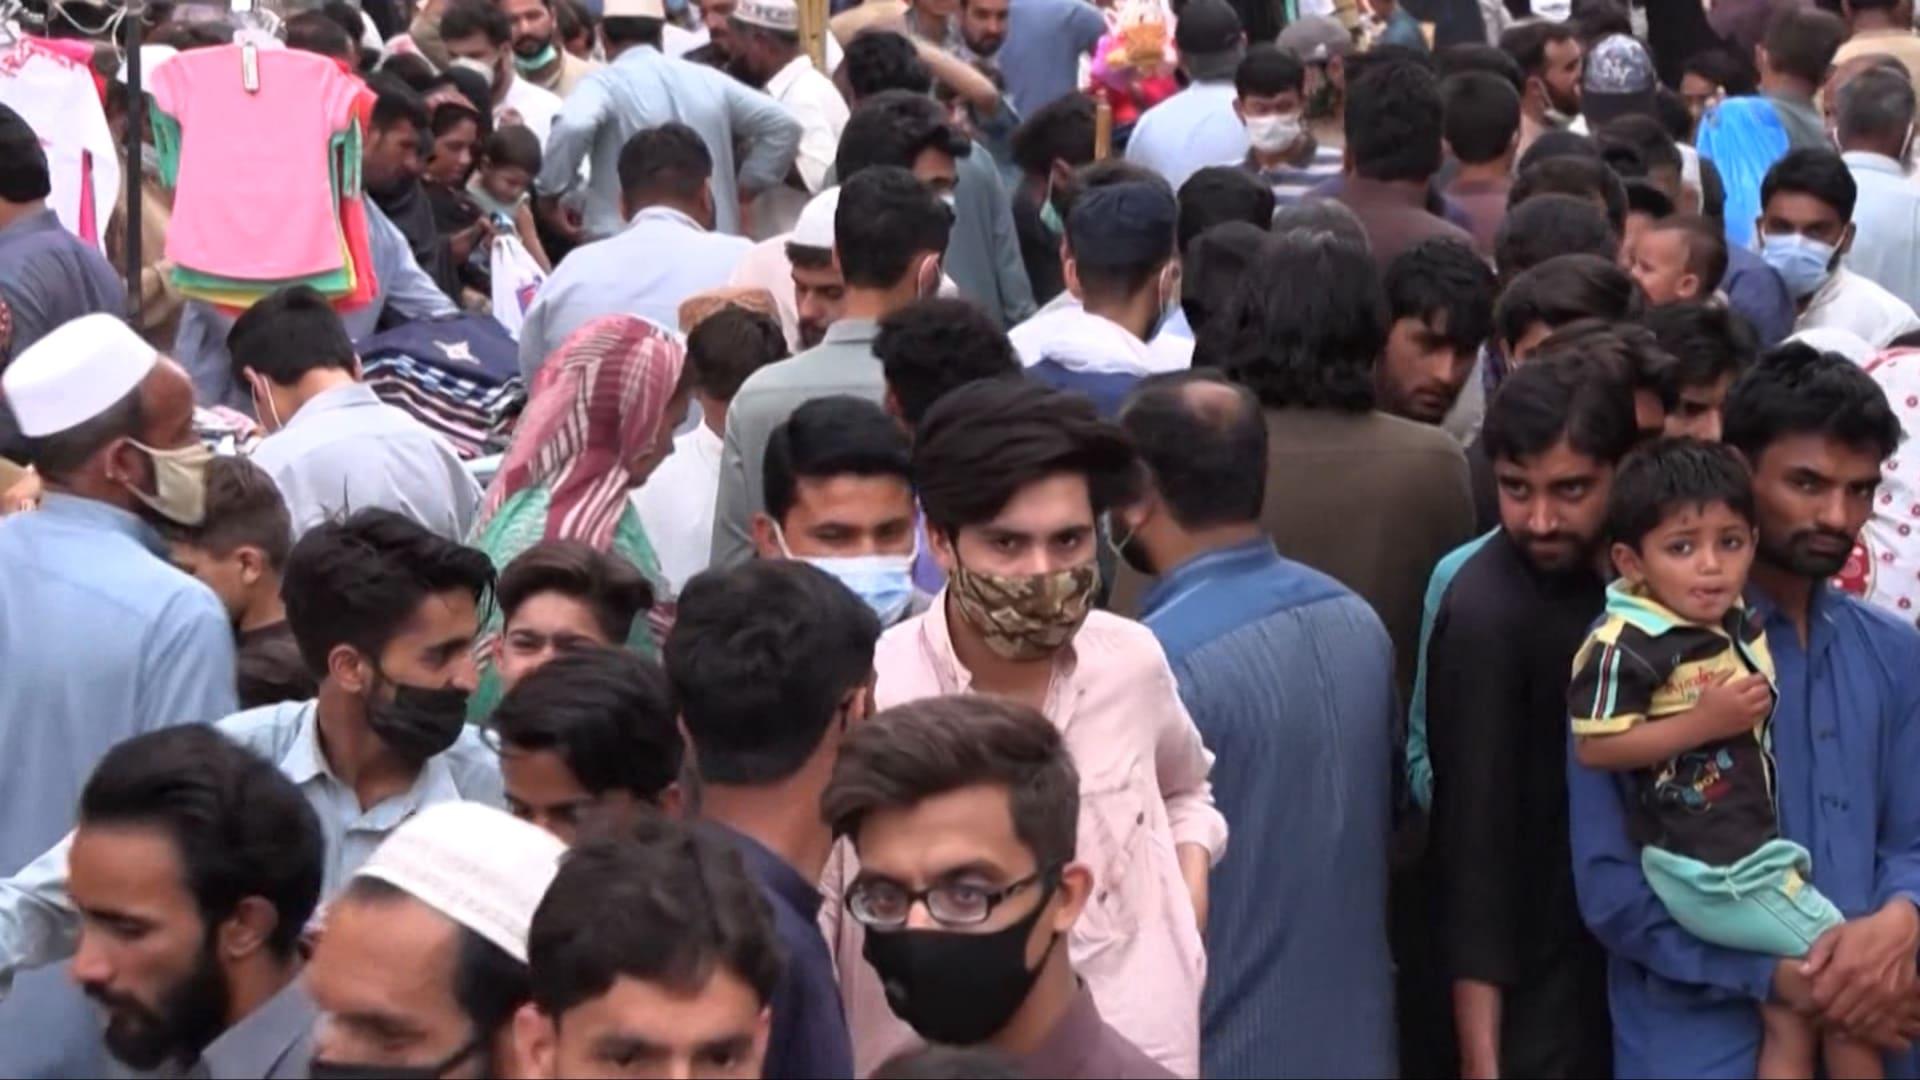 مع اقتراب احتفالات عيد الفطر.. تخشى العديد من دول جنوب آسيا من مواجهة تفشي فيروس كورونا مشابه لما يحدث في الهند